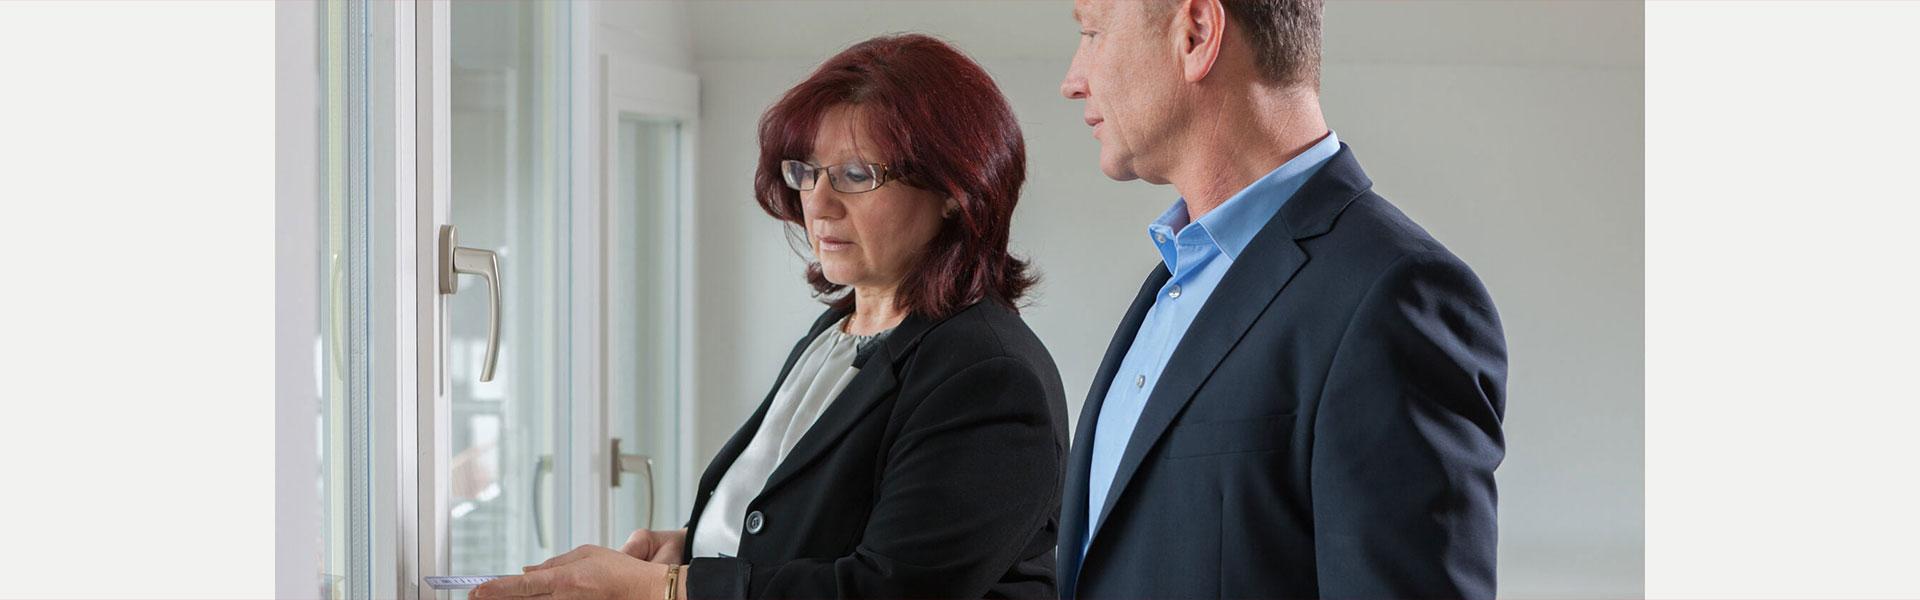 cleansolution GmbH | Sachverständiger im Schadensfall und Gutachten rund ums Thema Gebäudereinigung